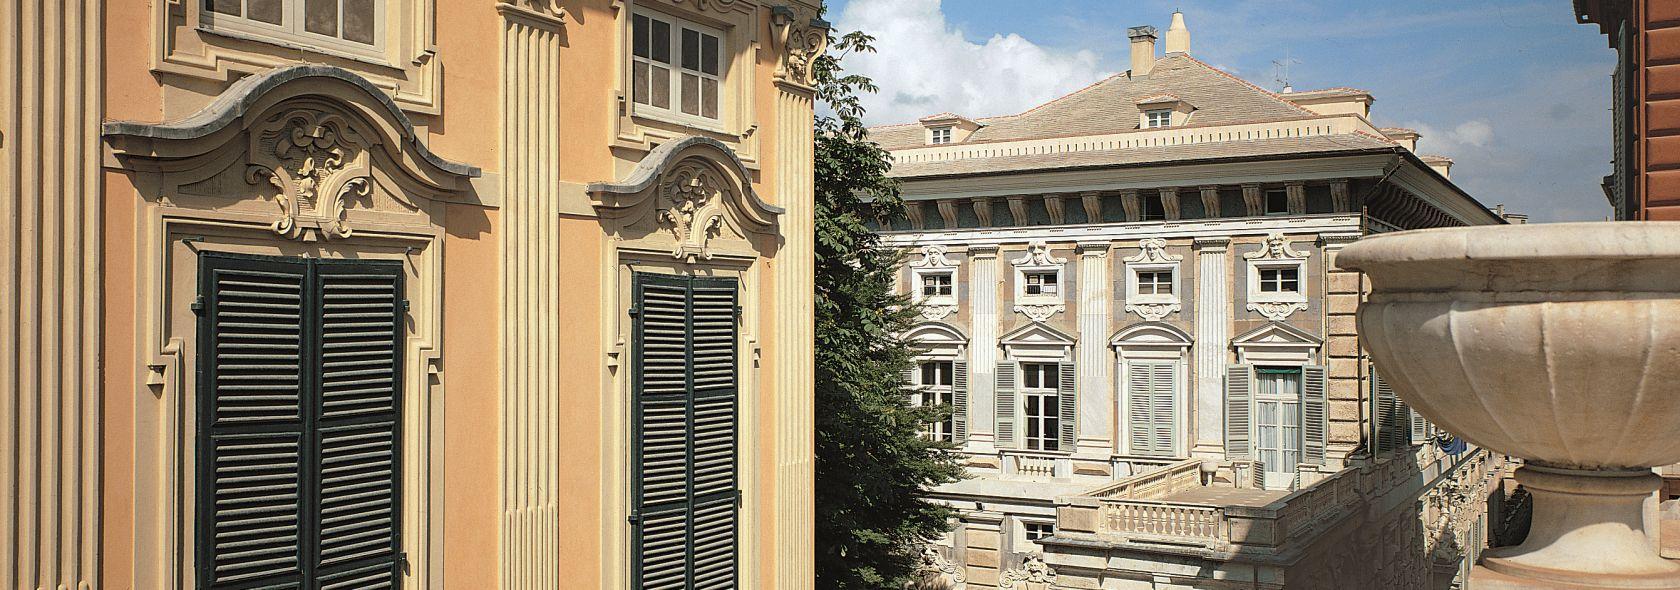 Palazzo Bianco - facciata